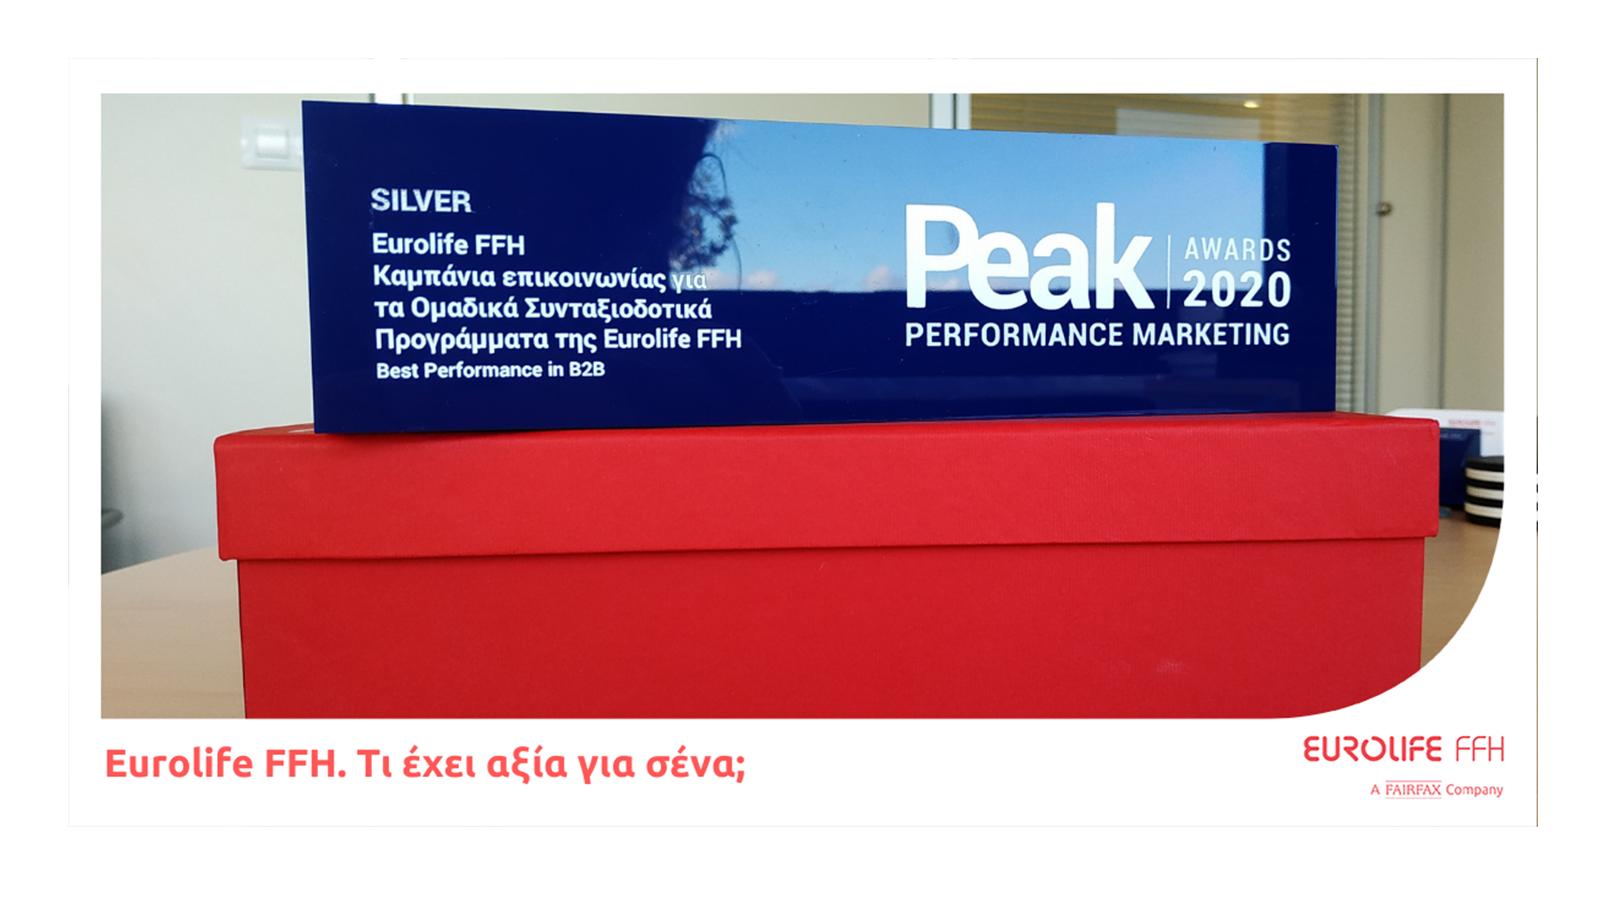 Silver βραβείο για τη Eurolife FFH στα PEAK Awards 2020